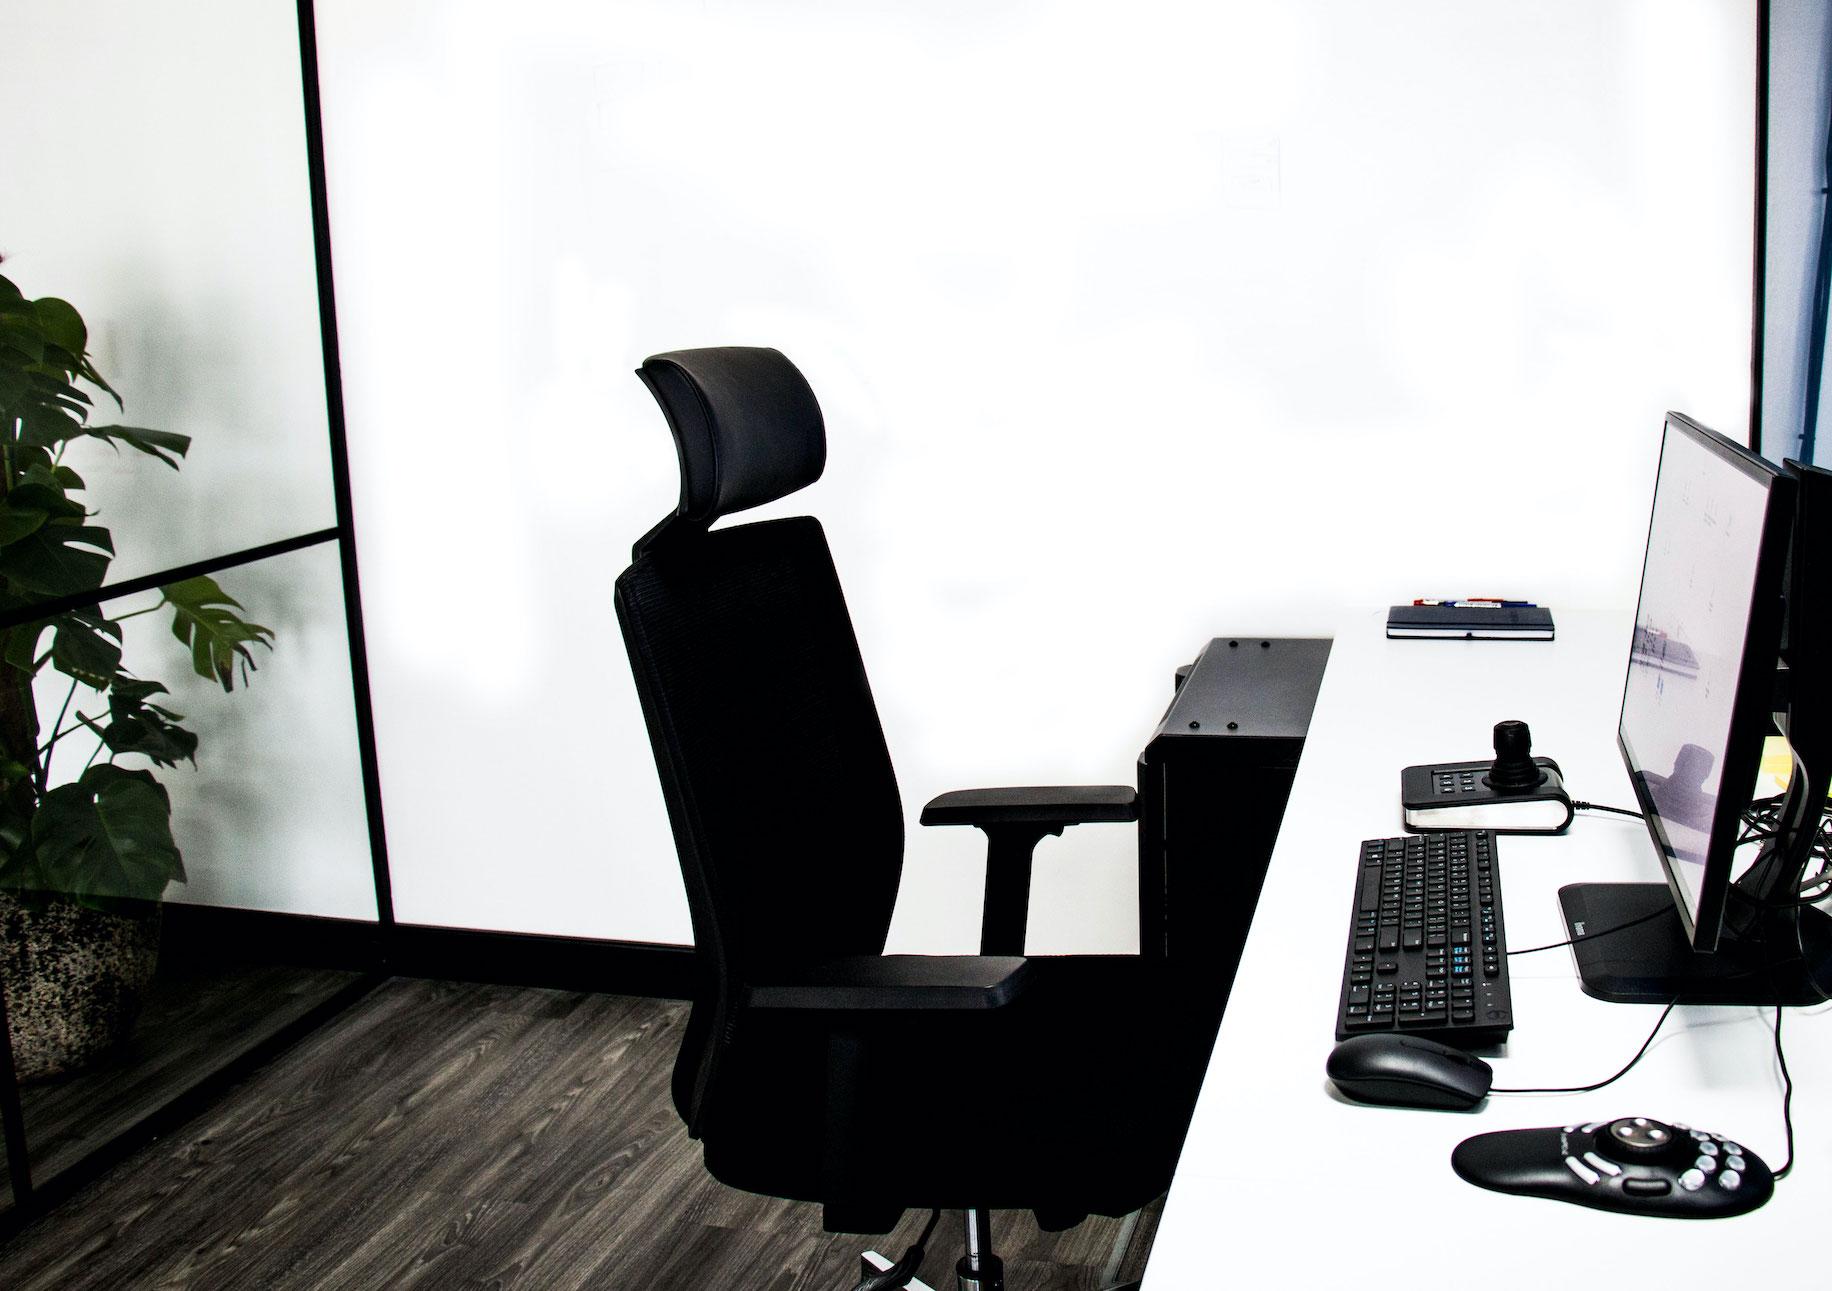 Control room of digital of things